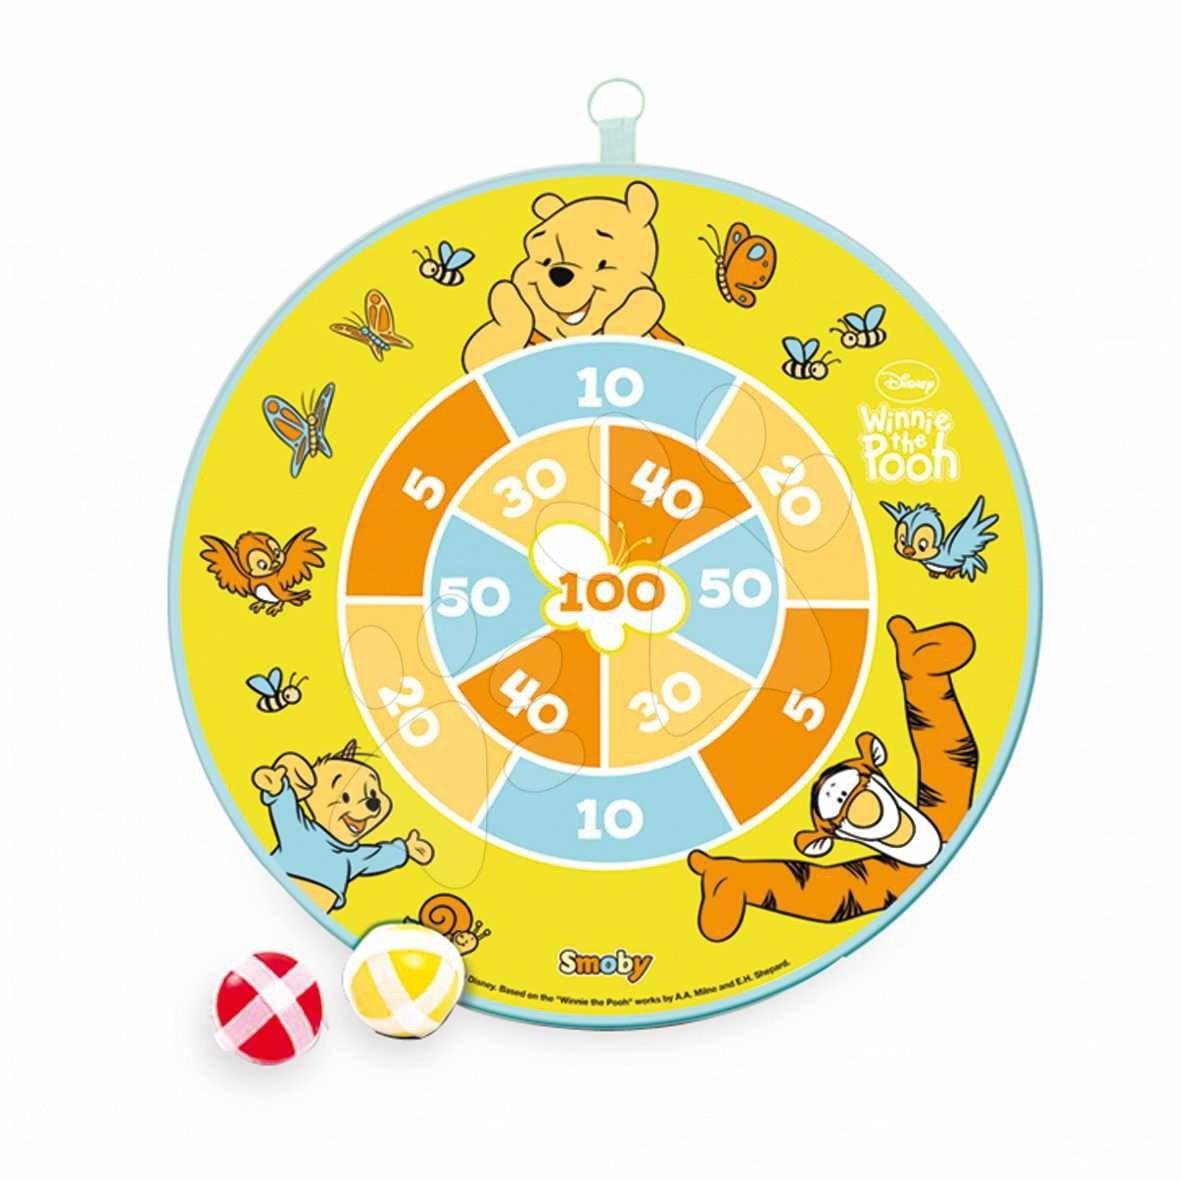 Staré položky - Terč Medvídek Pú na suchý zip Smoby s 2 míčky, s 2 šipkami, průměr 30 cm